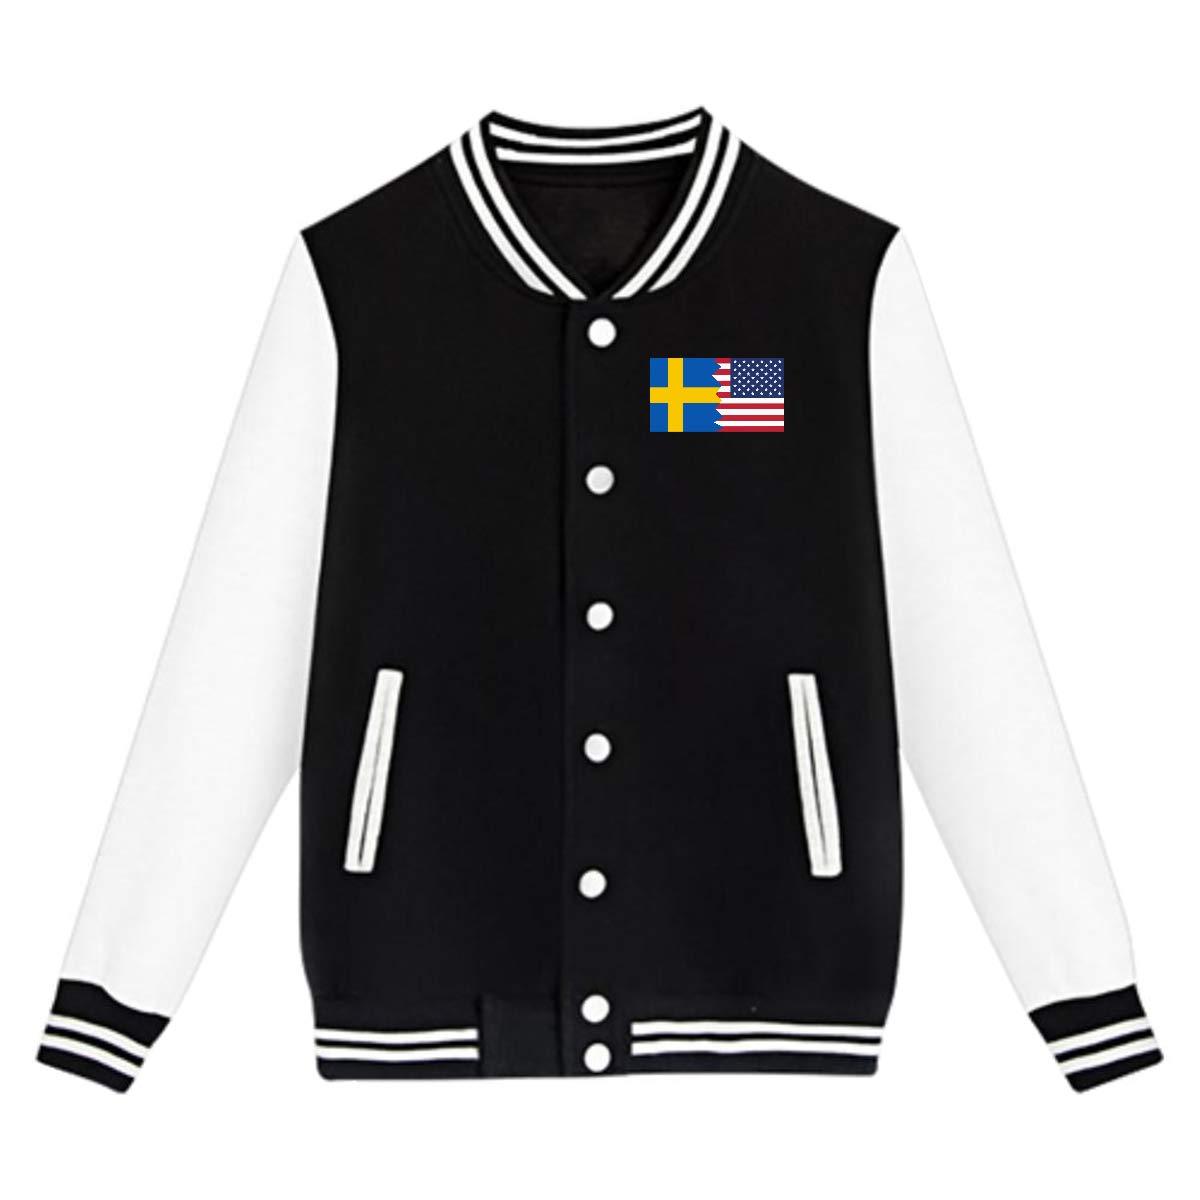 NJKM5MJ Unisex Youth Baseball Uniform Jacket Swedish USA Flag Coat Sport Outfit